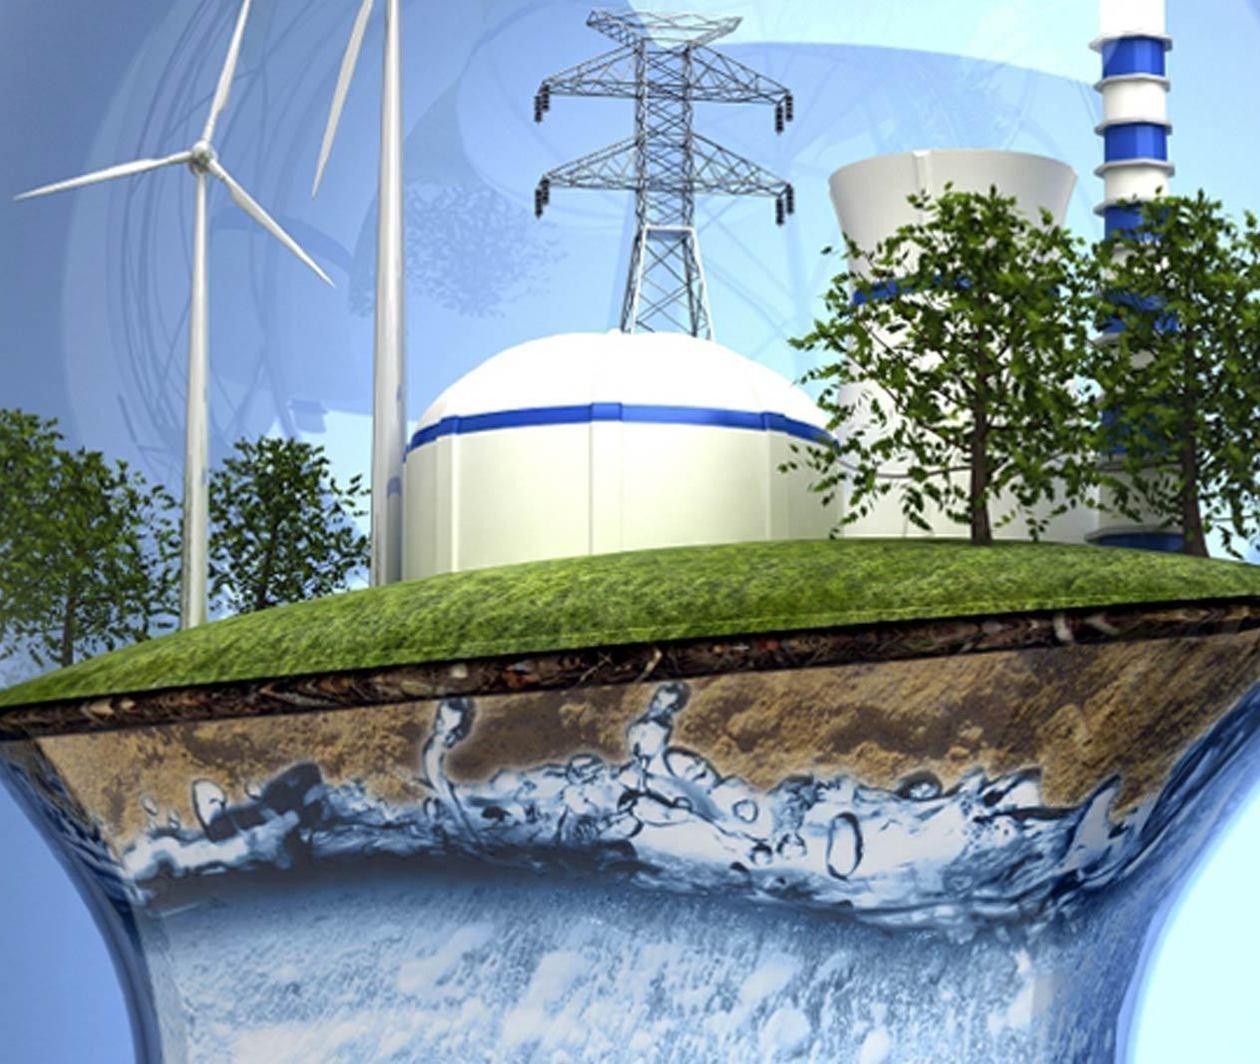 Elements of Renewable Energy